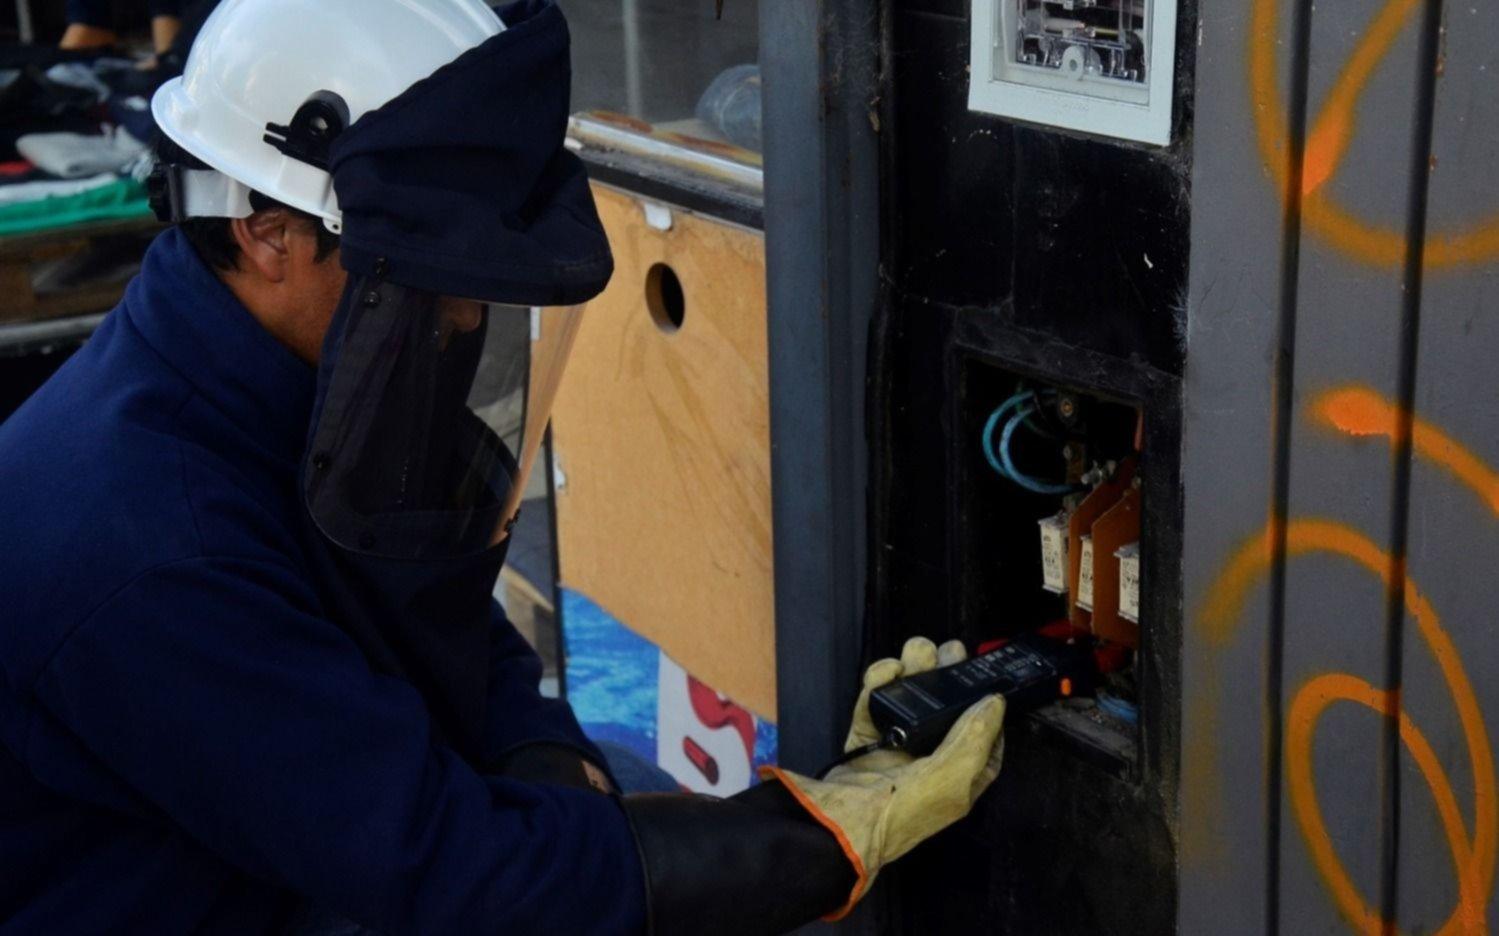 Programan cortes de luz para realizar obras de mantenimiento y mejoras